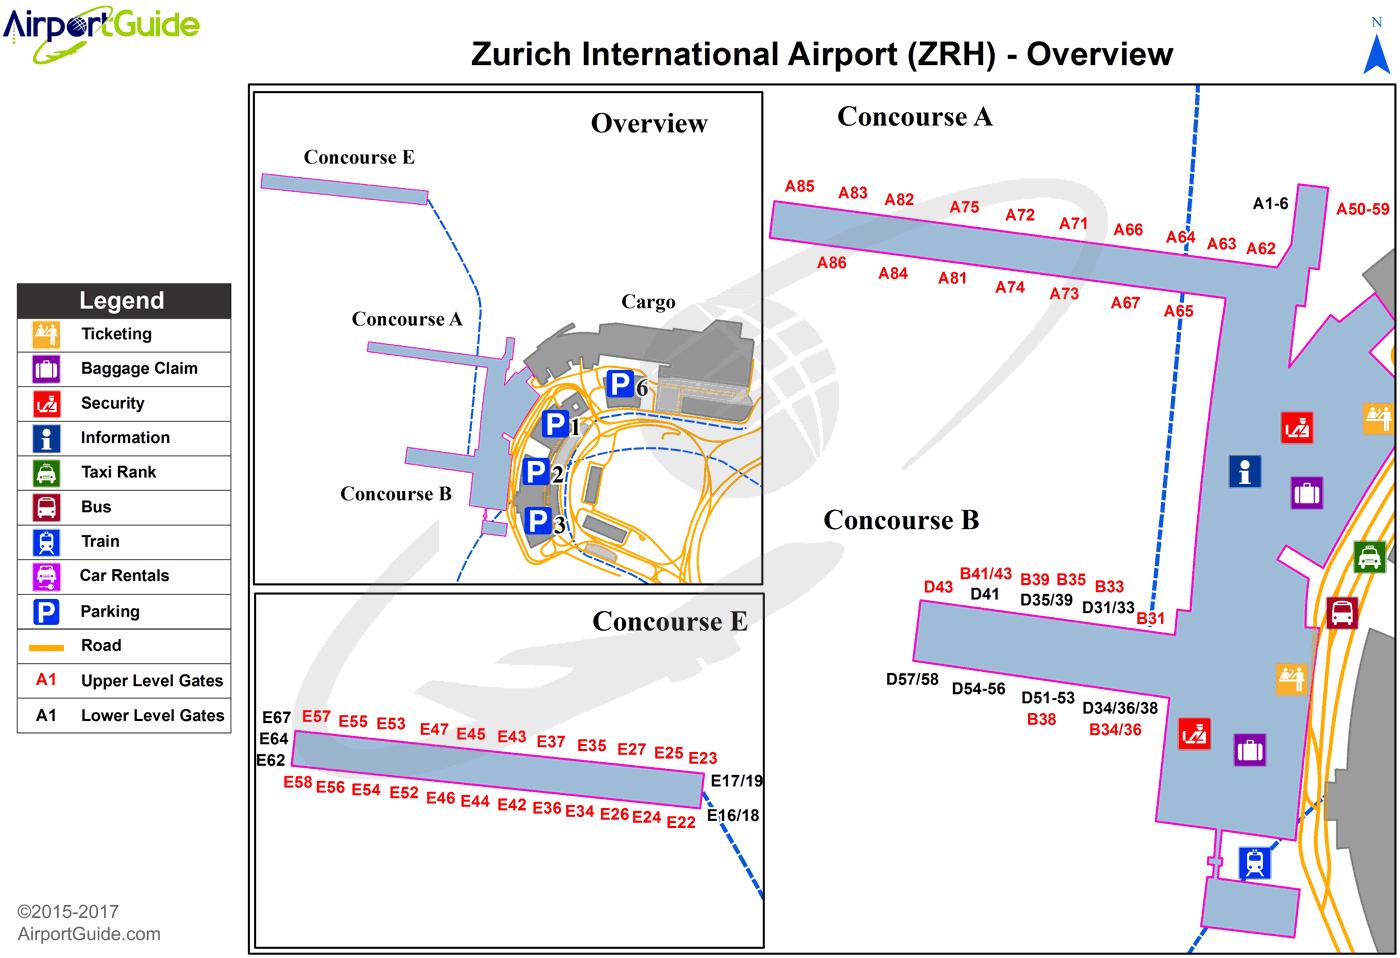 zurich airport gate map Zurich Zurich Zrh Airport Terminal Map Overview Airport zurich airport gate map